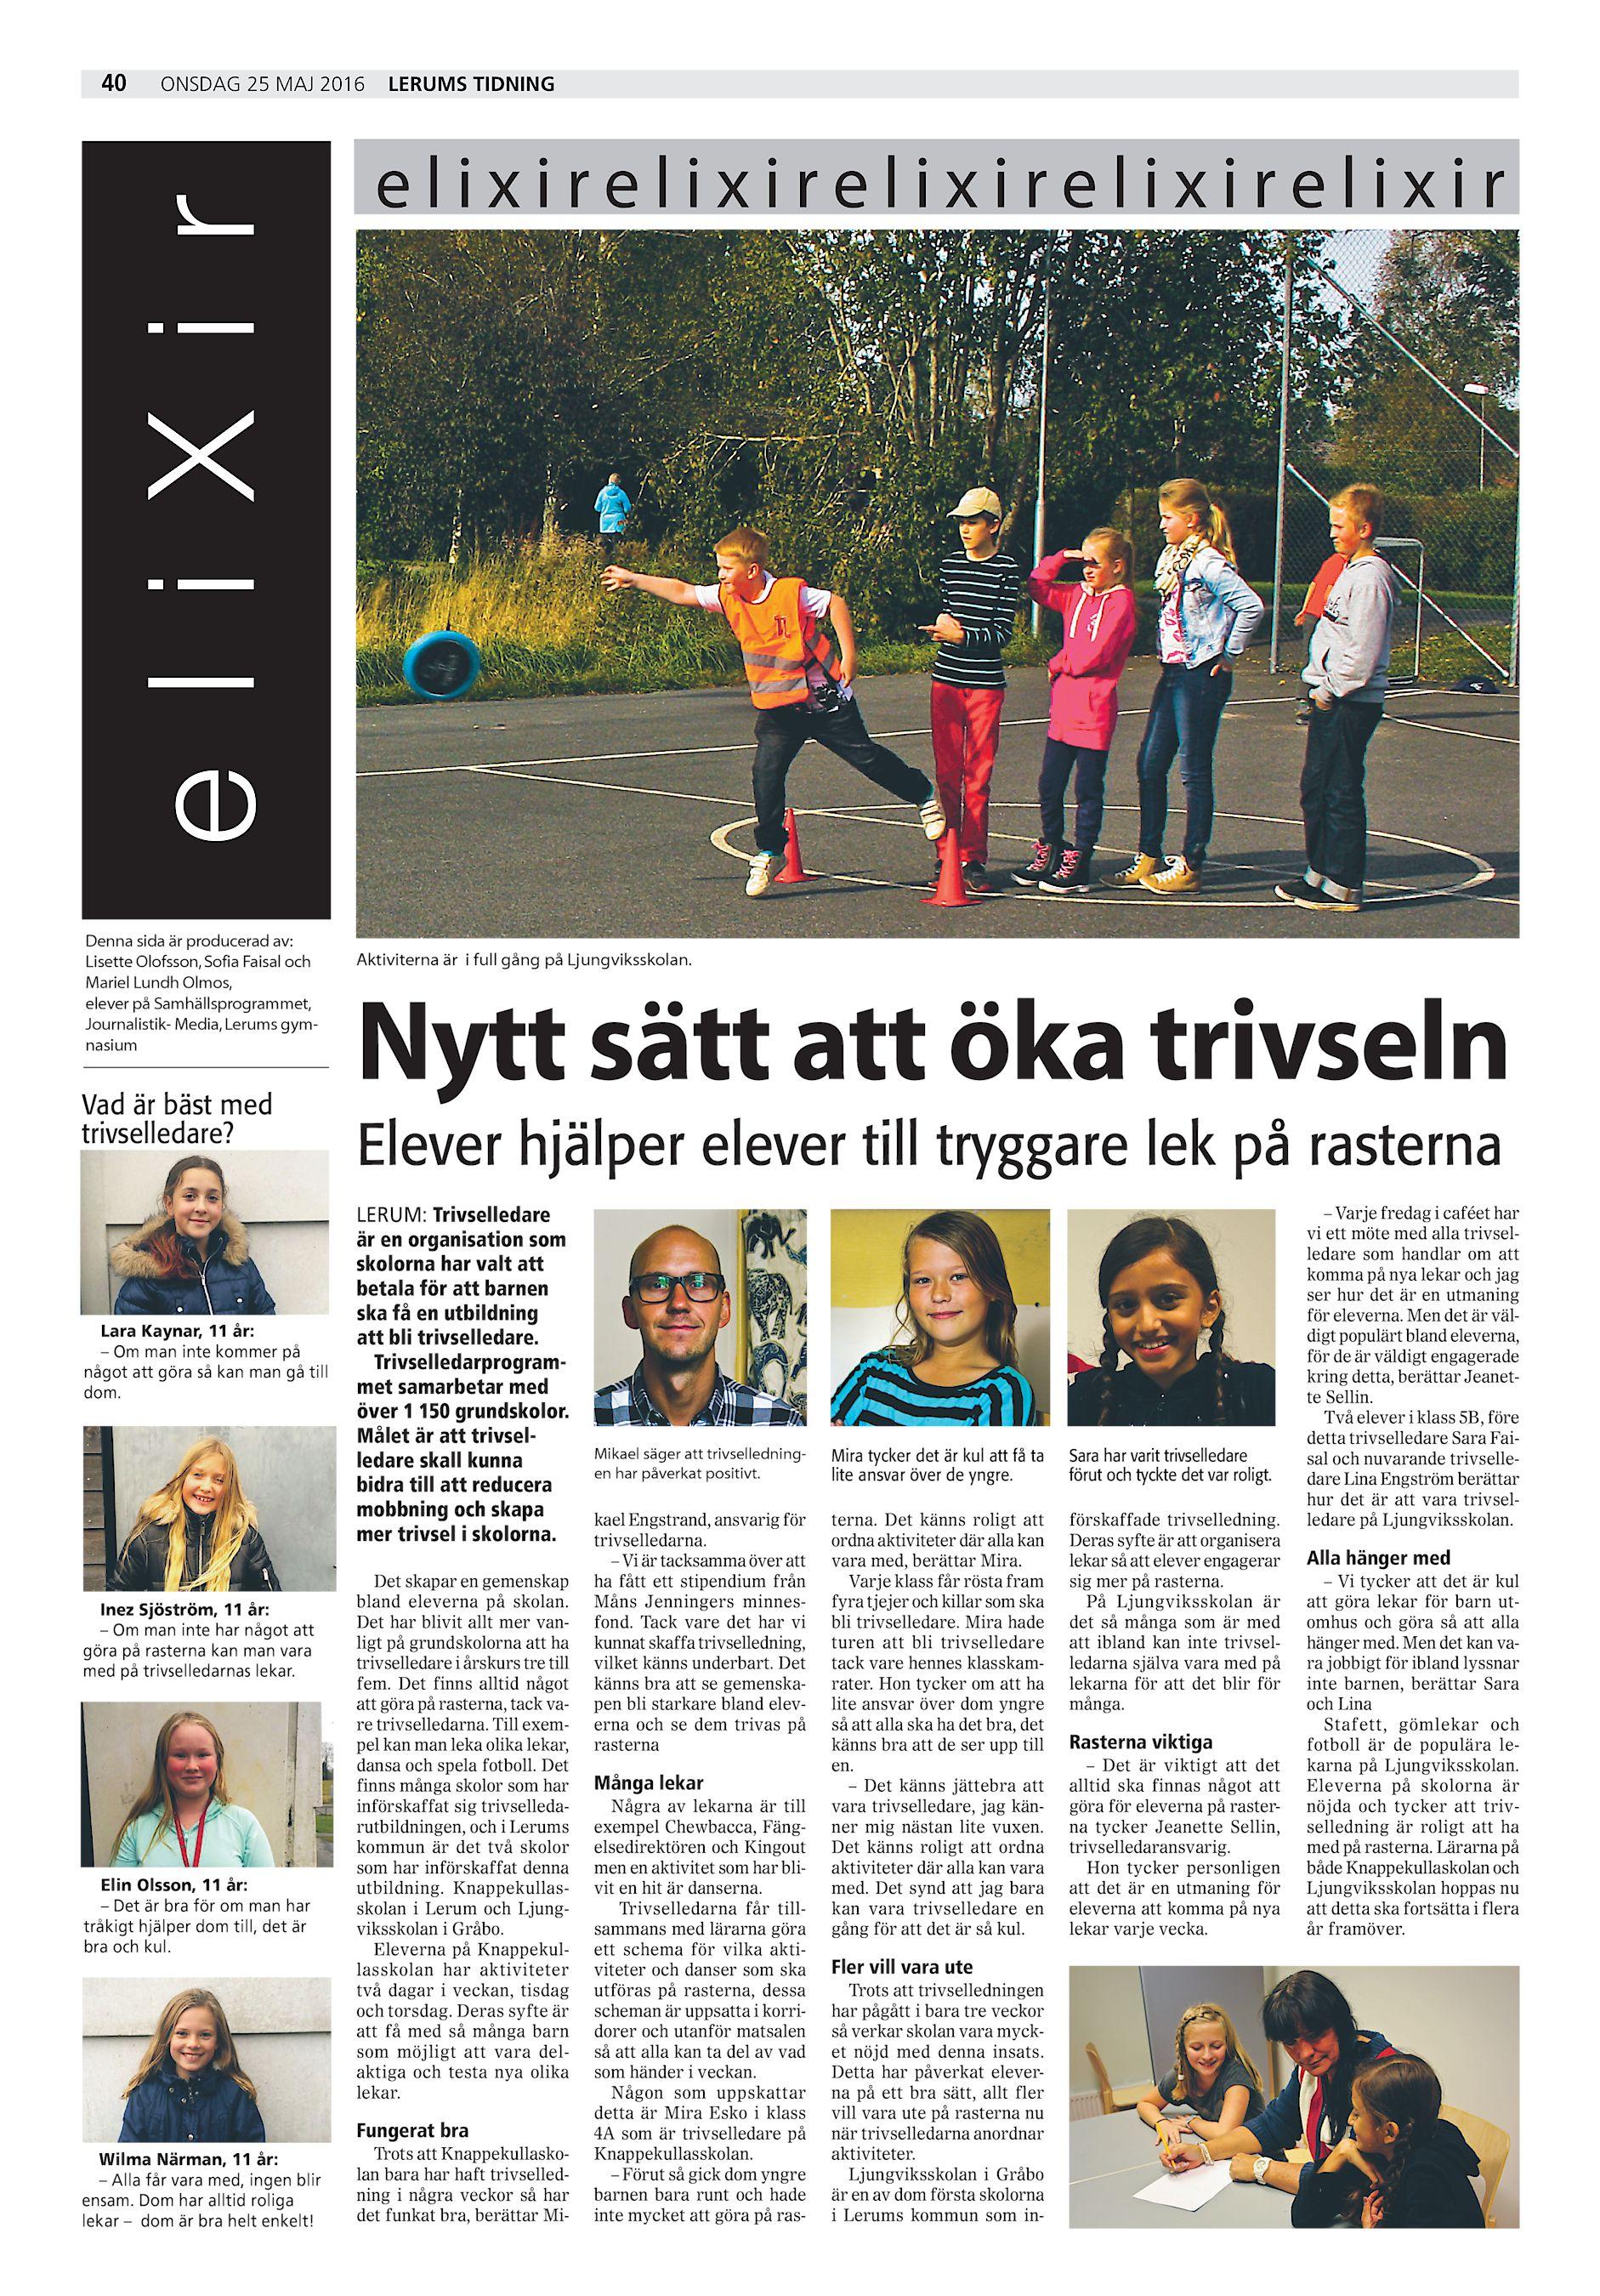 fe38f96061a onsdag 25 maj 2016 e l i X i r 40 Denna sida är producerad av: Lisette  Olofsson, Sofia Faisal och Mariel Lundh Olmos, elever på  Samhällsprogrammet, ...